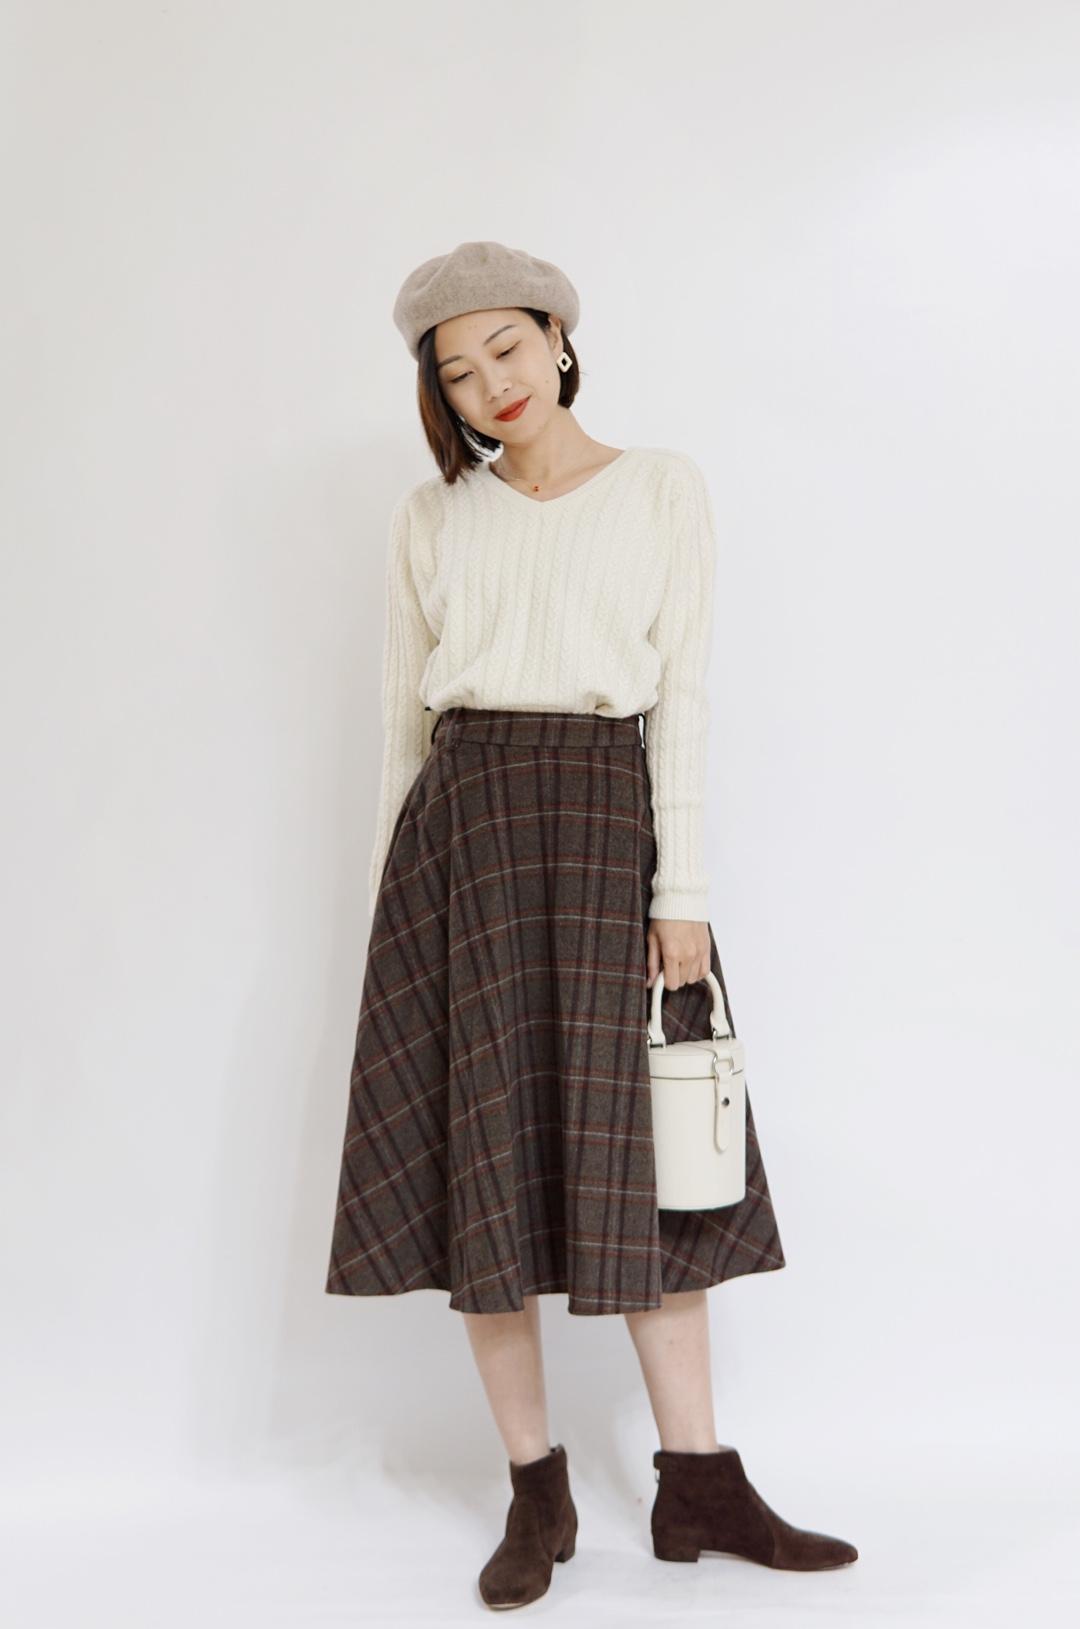 #樱花季,脱单风穿搭可别忘记!# 白色的V领毛衣看起来非常的温柔和美丽。 搭配了具有复古感的格纹半裙以及贝雷帽,很优雅,脱单就靠这一套了。